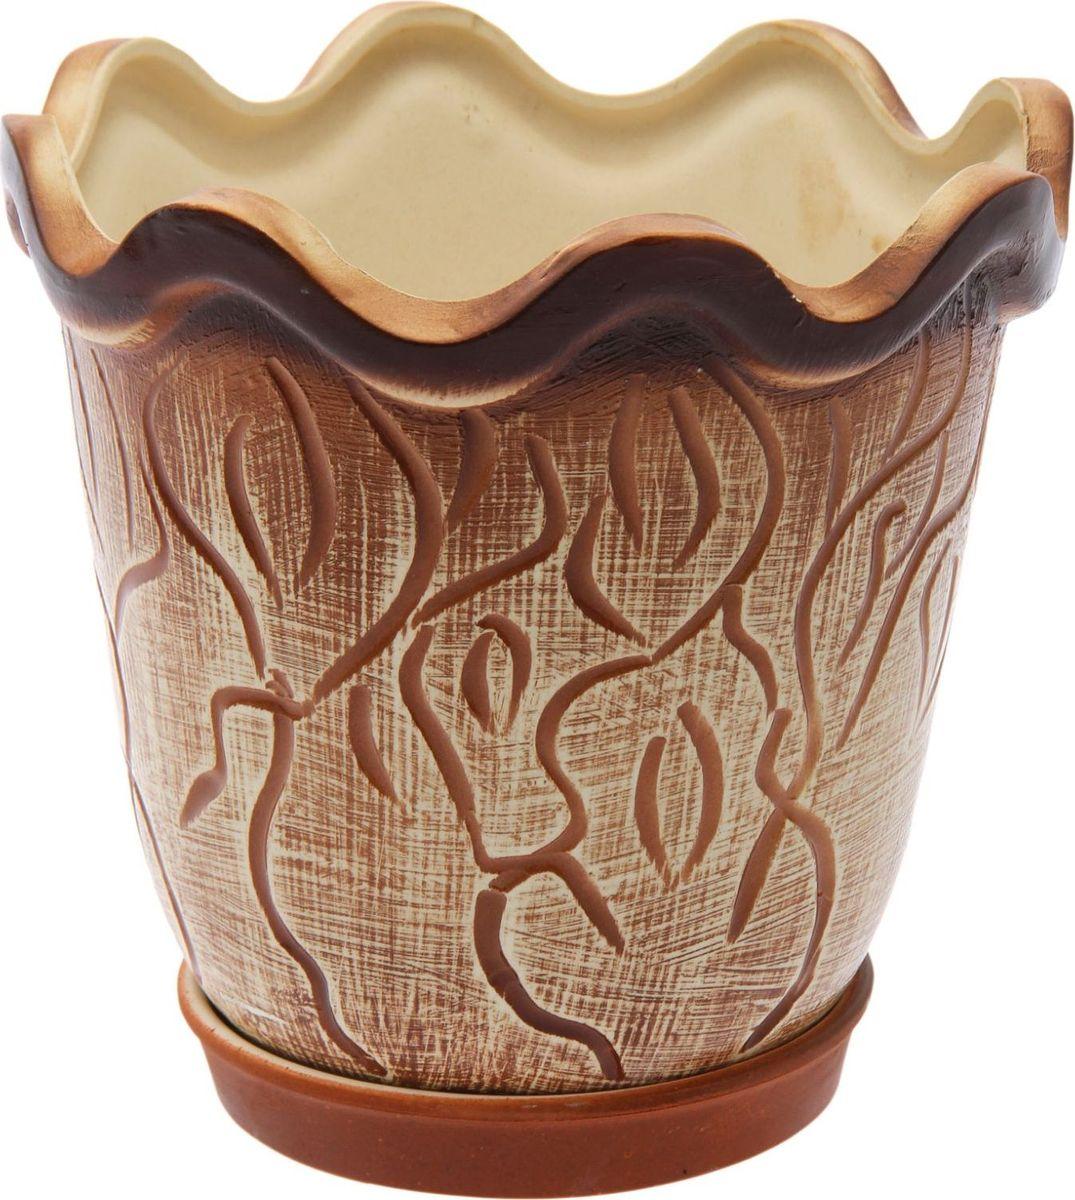 Кашпо Керамика ручной работы Бриз, цвет: , 3 л1482069Комнатные растения — всеобщие любимцы. Они радуют глаз, насыщают помещение кислородом и украшают пространство. Каждому из них необходим свой удобный и красивый дом. Кашпо из керамики прекрасно подходят для высадки растений: за счёт пластичности глины и разных способов обработки существует великое множество форм и дизайновпористый материал позволяет испаряться лишней влагевоздух, необходимый для дыхания корней, проникает сквозь керамические стенки! #name# позаботится о зелёном питомце, освежит интерьер и подчеркнёт его стиль.